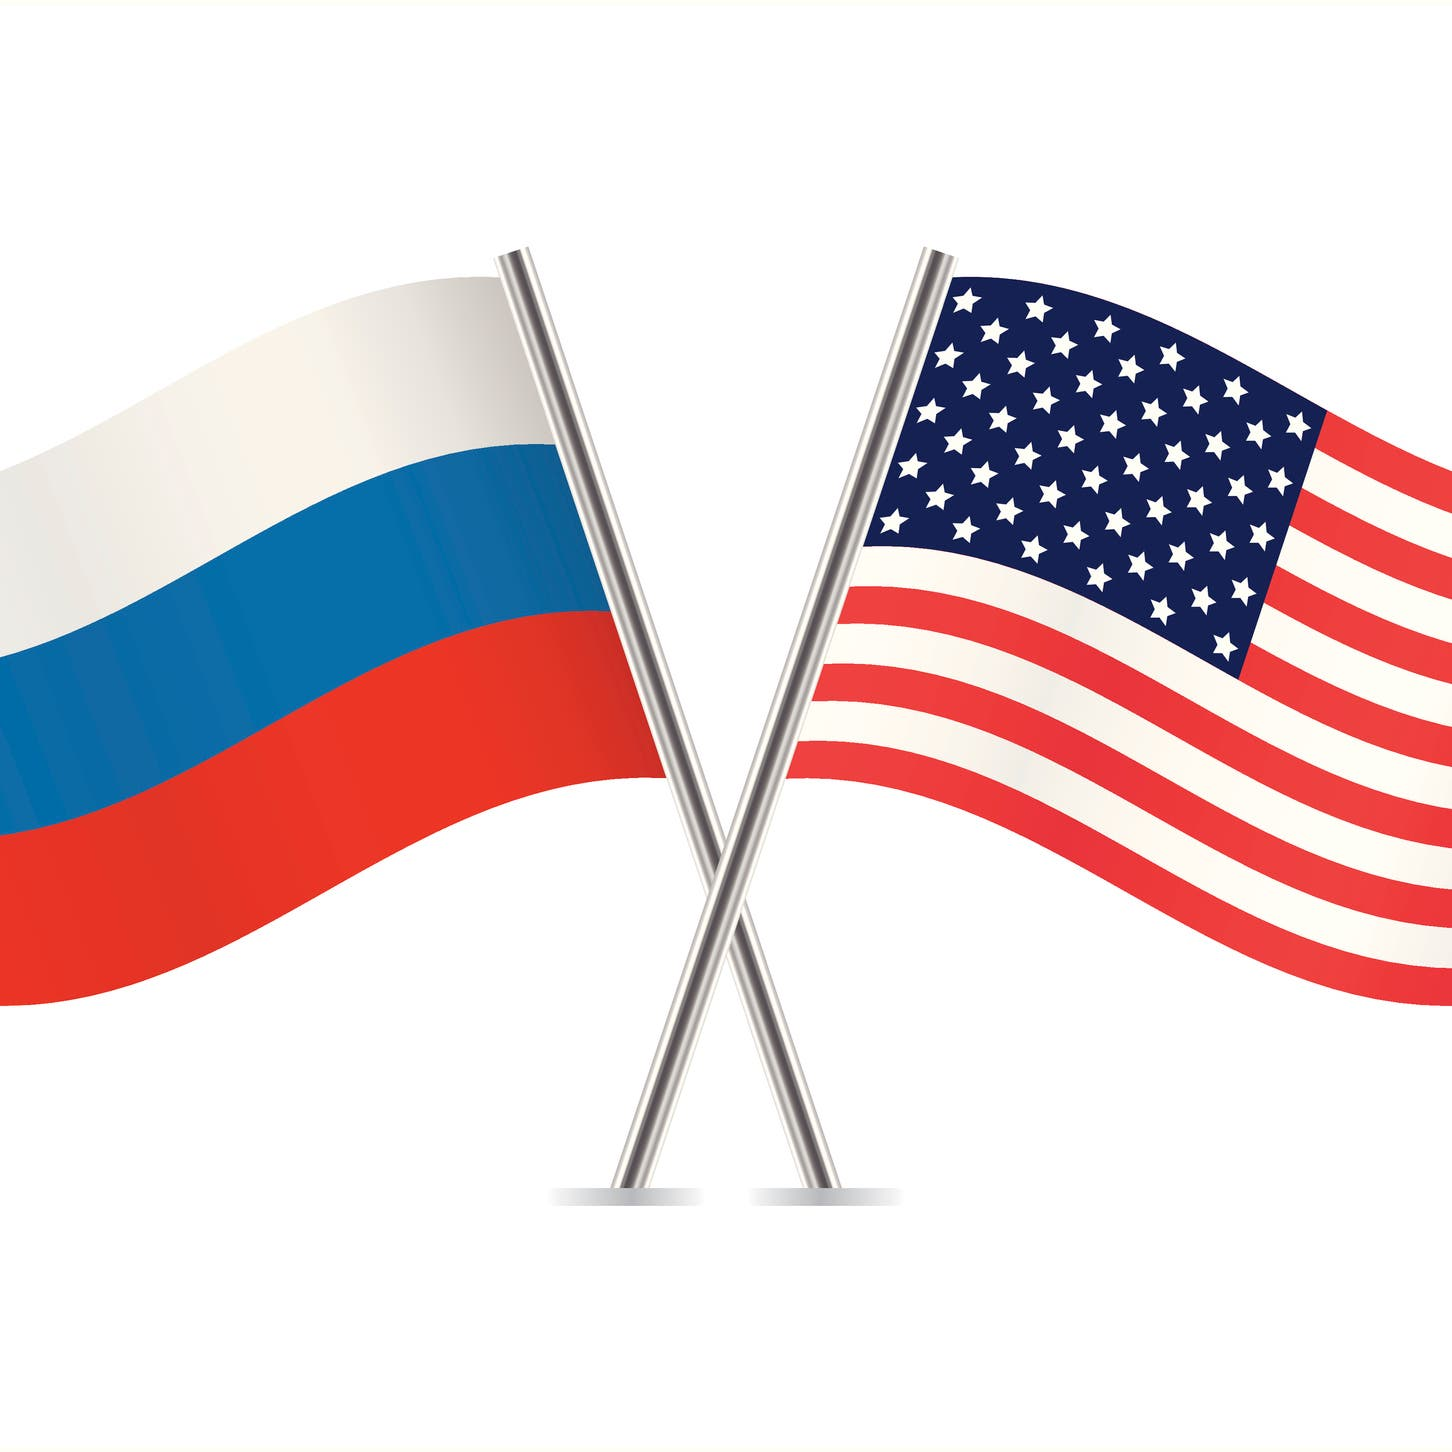 ردا على العقوبات.. روسيا تحظر دخول مسؤولين بإدارة بايدن